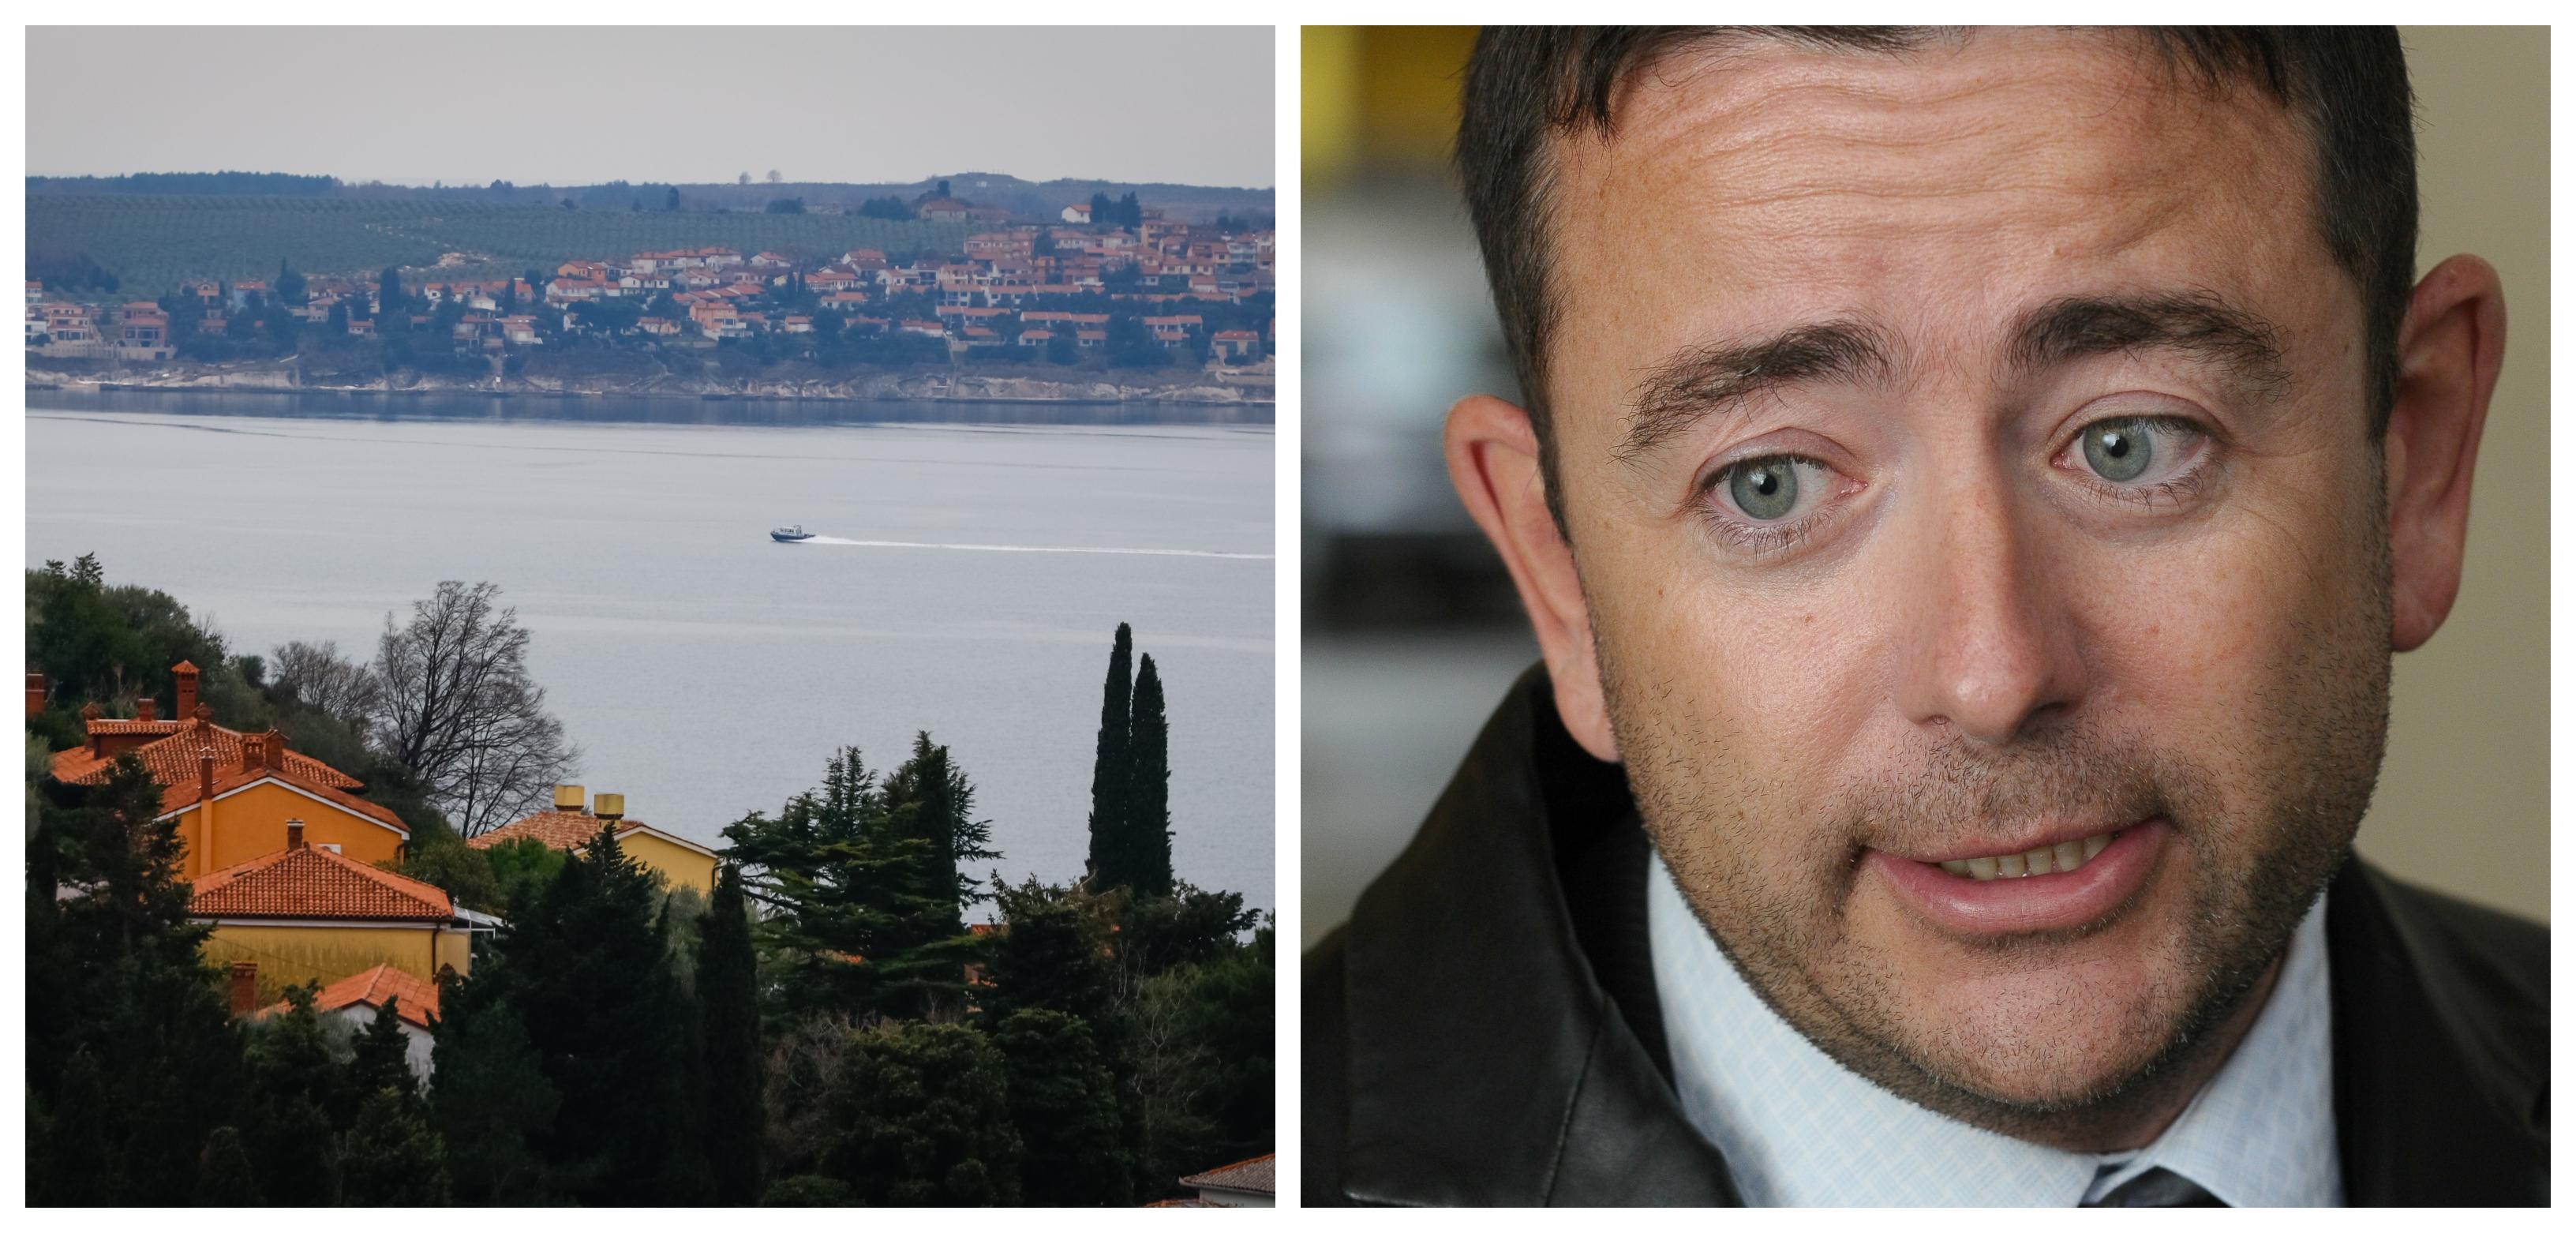 Uresničile so se žal napovedi dr. Miha Pogačnika pred desetletjem glede slovenskega arbitražnega sporazuma. (Foto: STA)